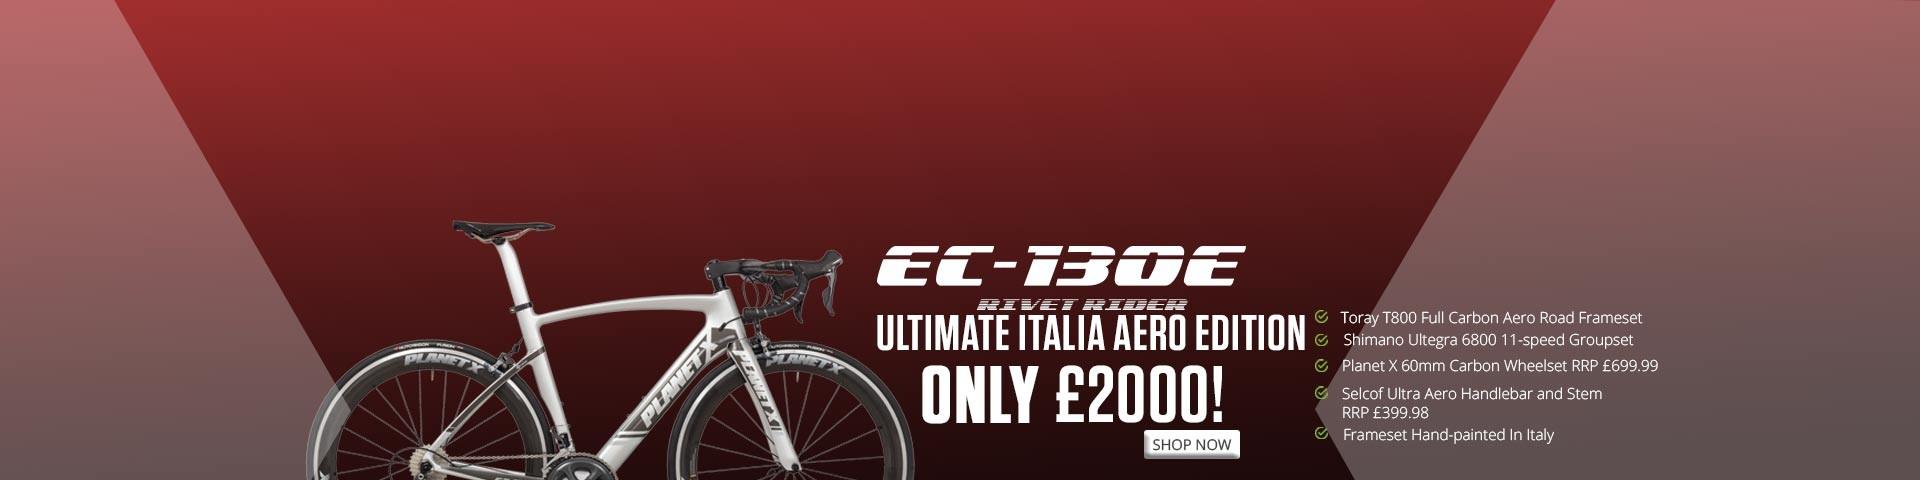 EC130E-Ultimate Italia Aero Edition